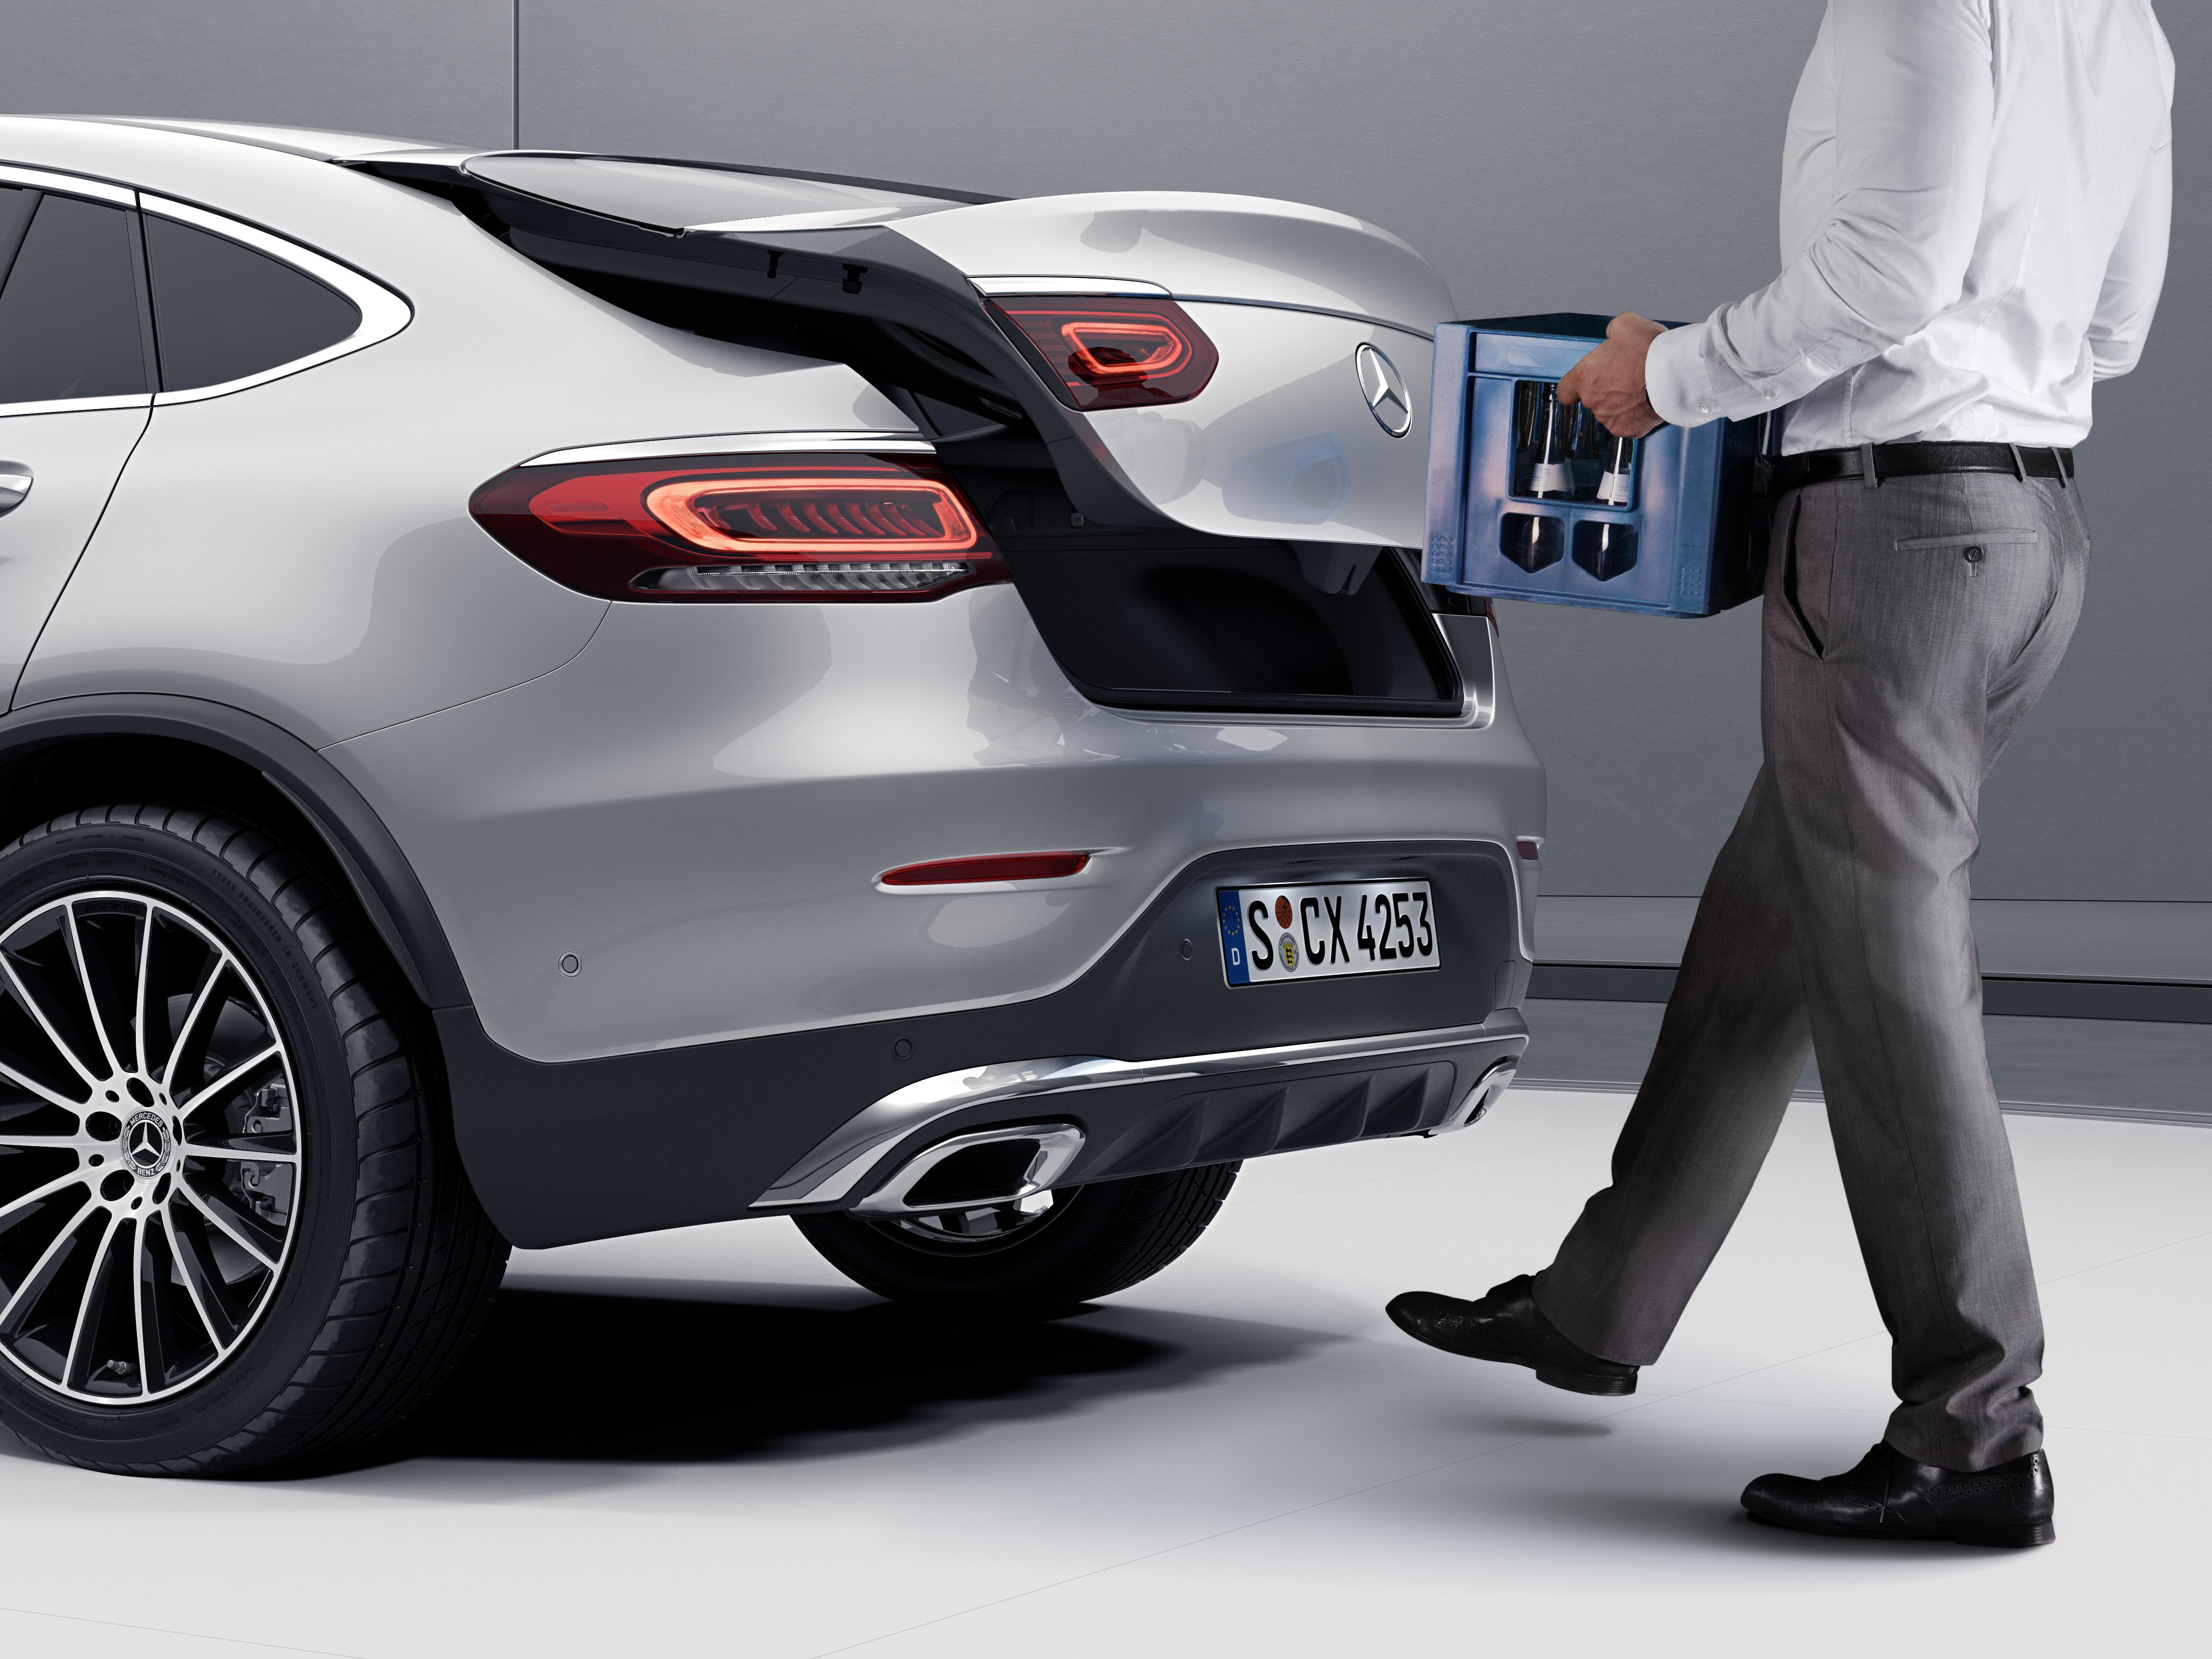 Ouverture automatique du coffre de la Mercedes GLC Coupé - Finition AMG Line Plus grâce aux détecteur de mouvements de pieds